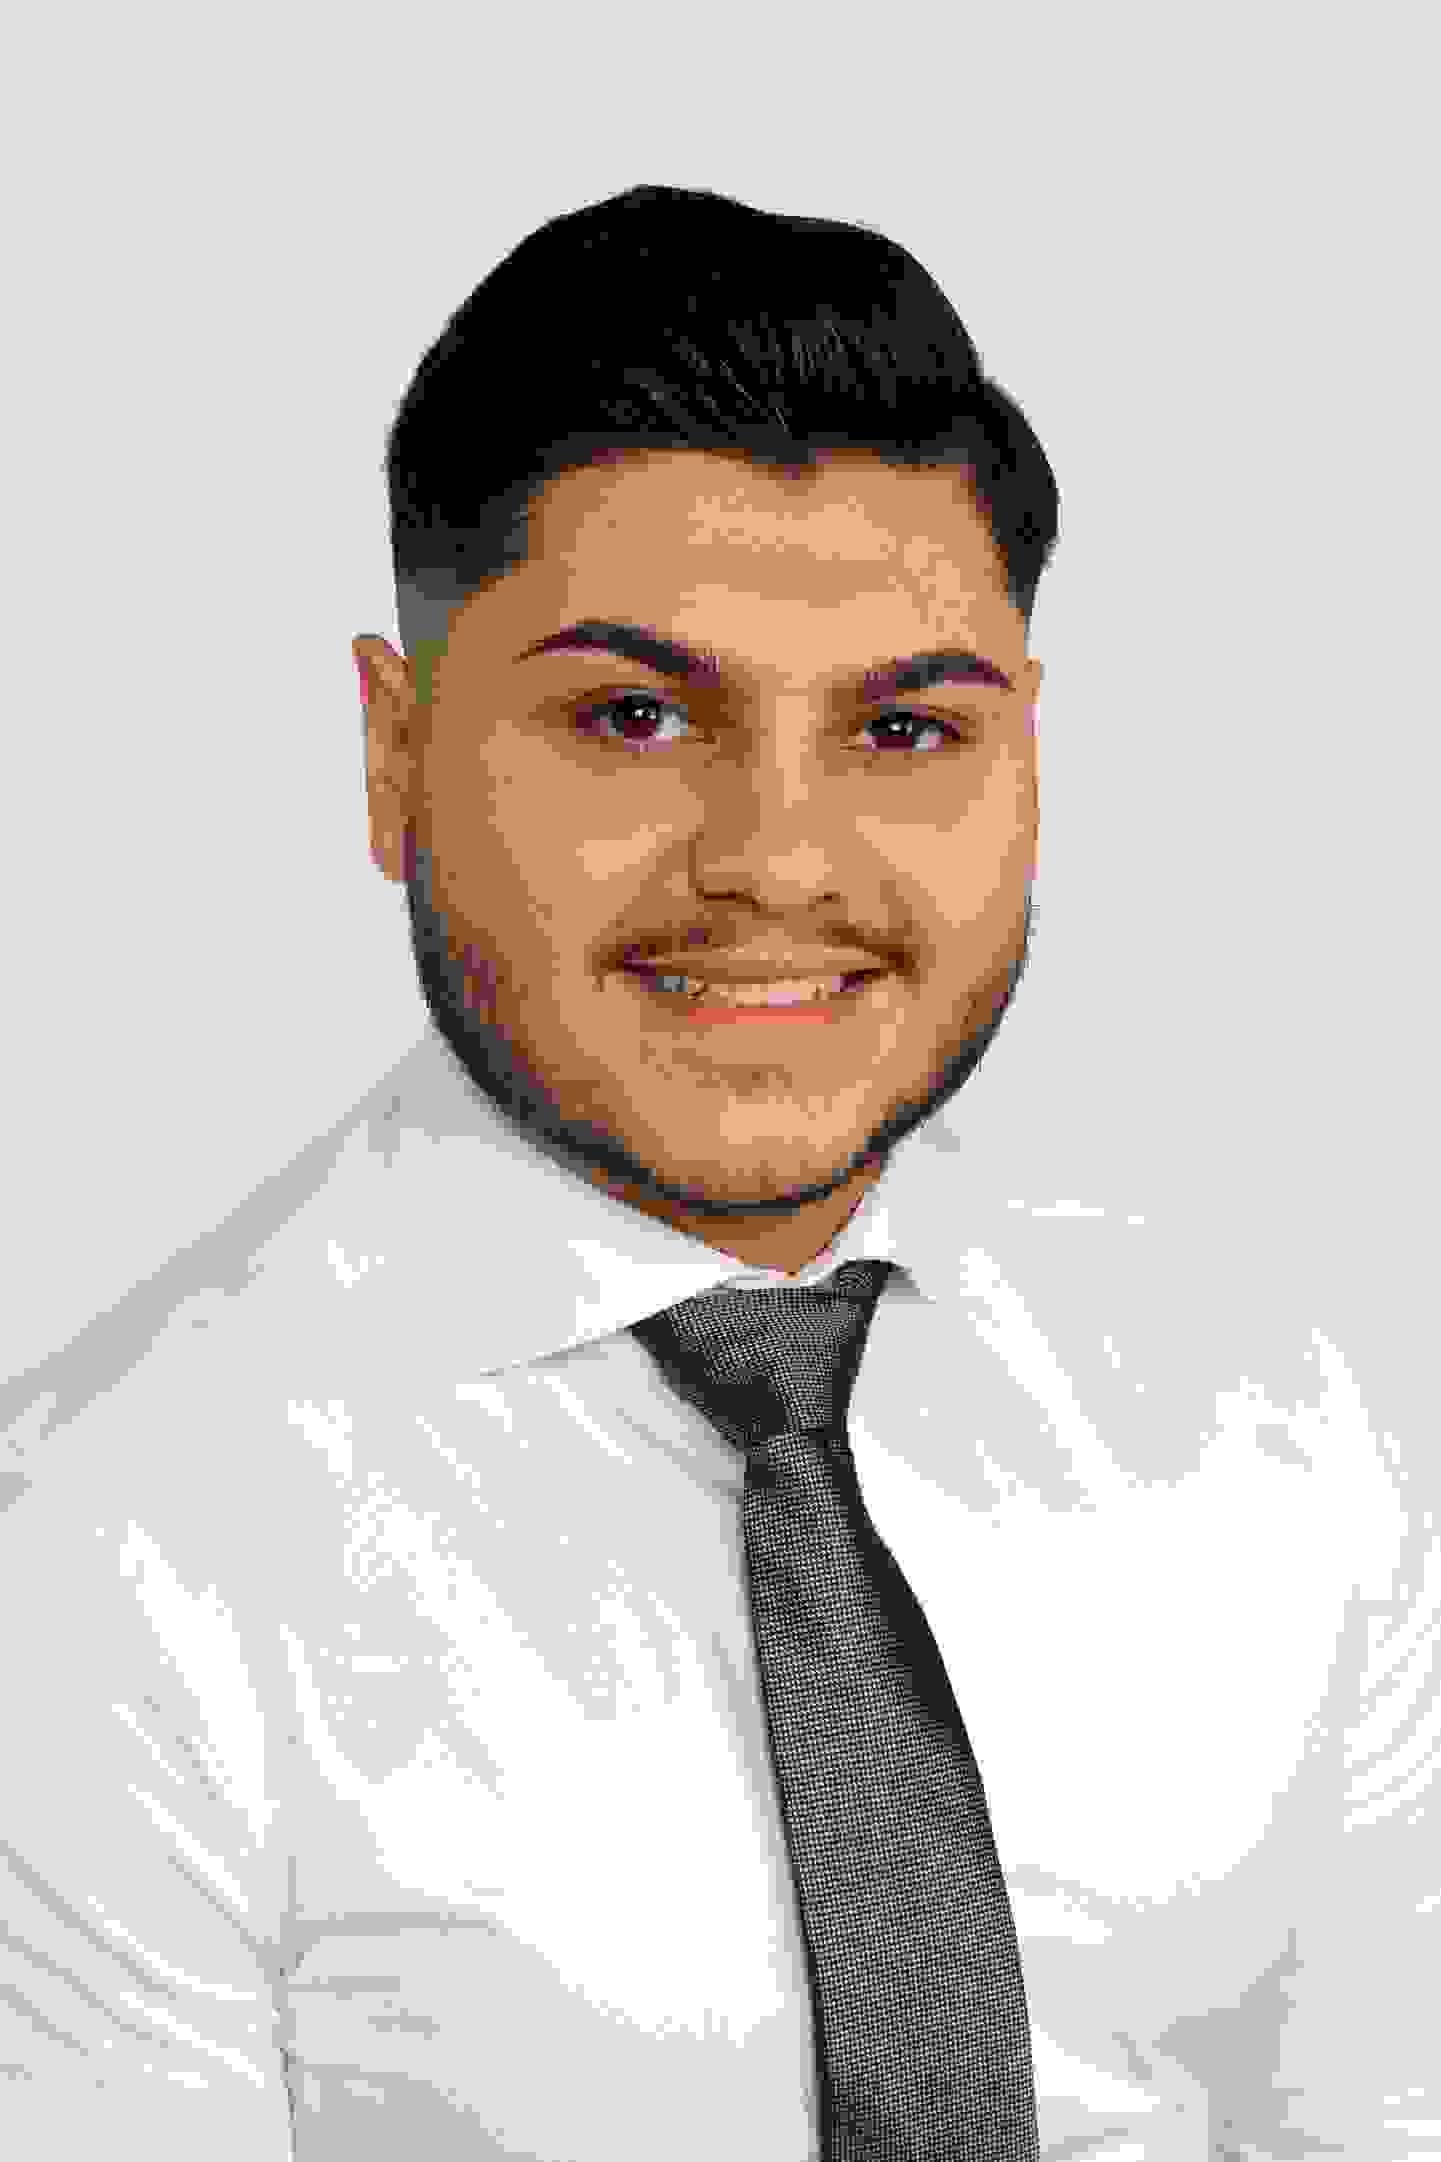 Benhur Bilen